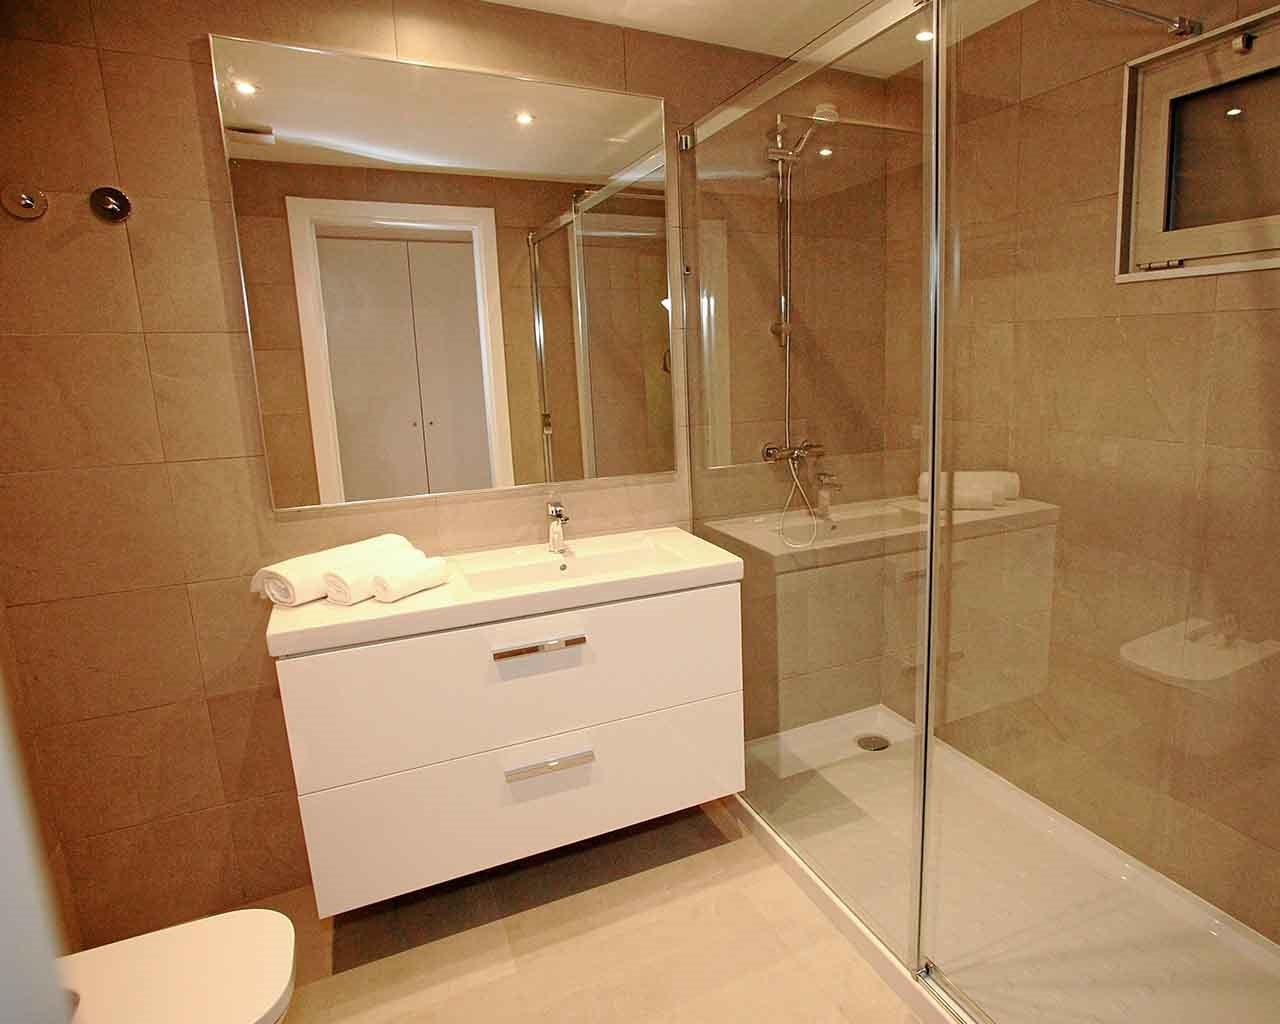 AGA_casa-de-banho-quarto